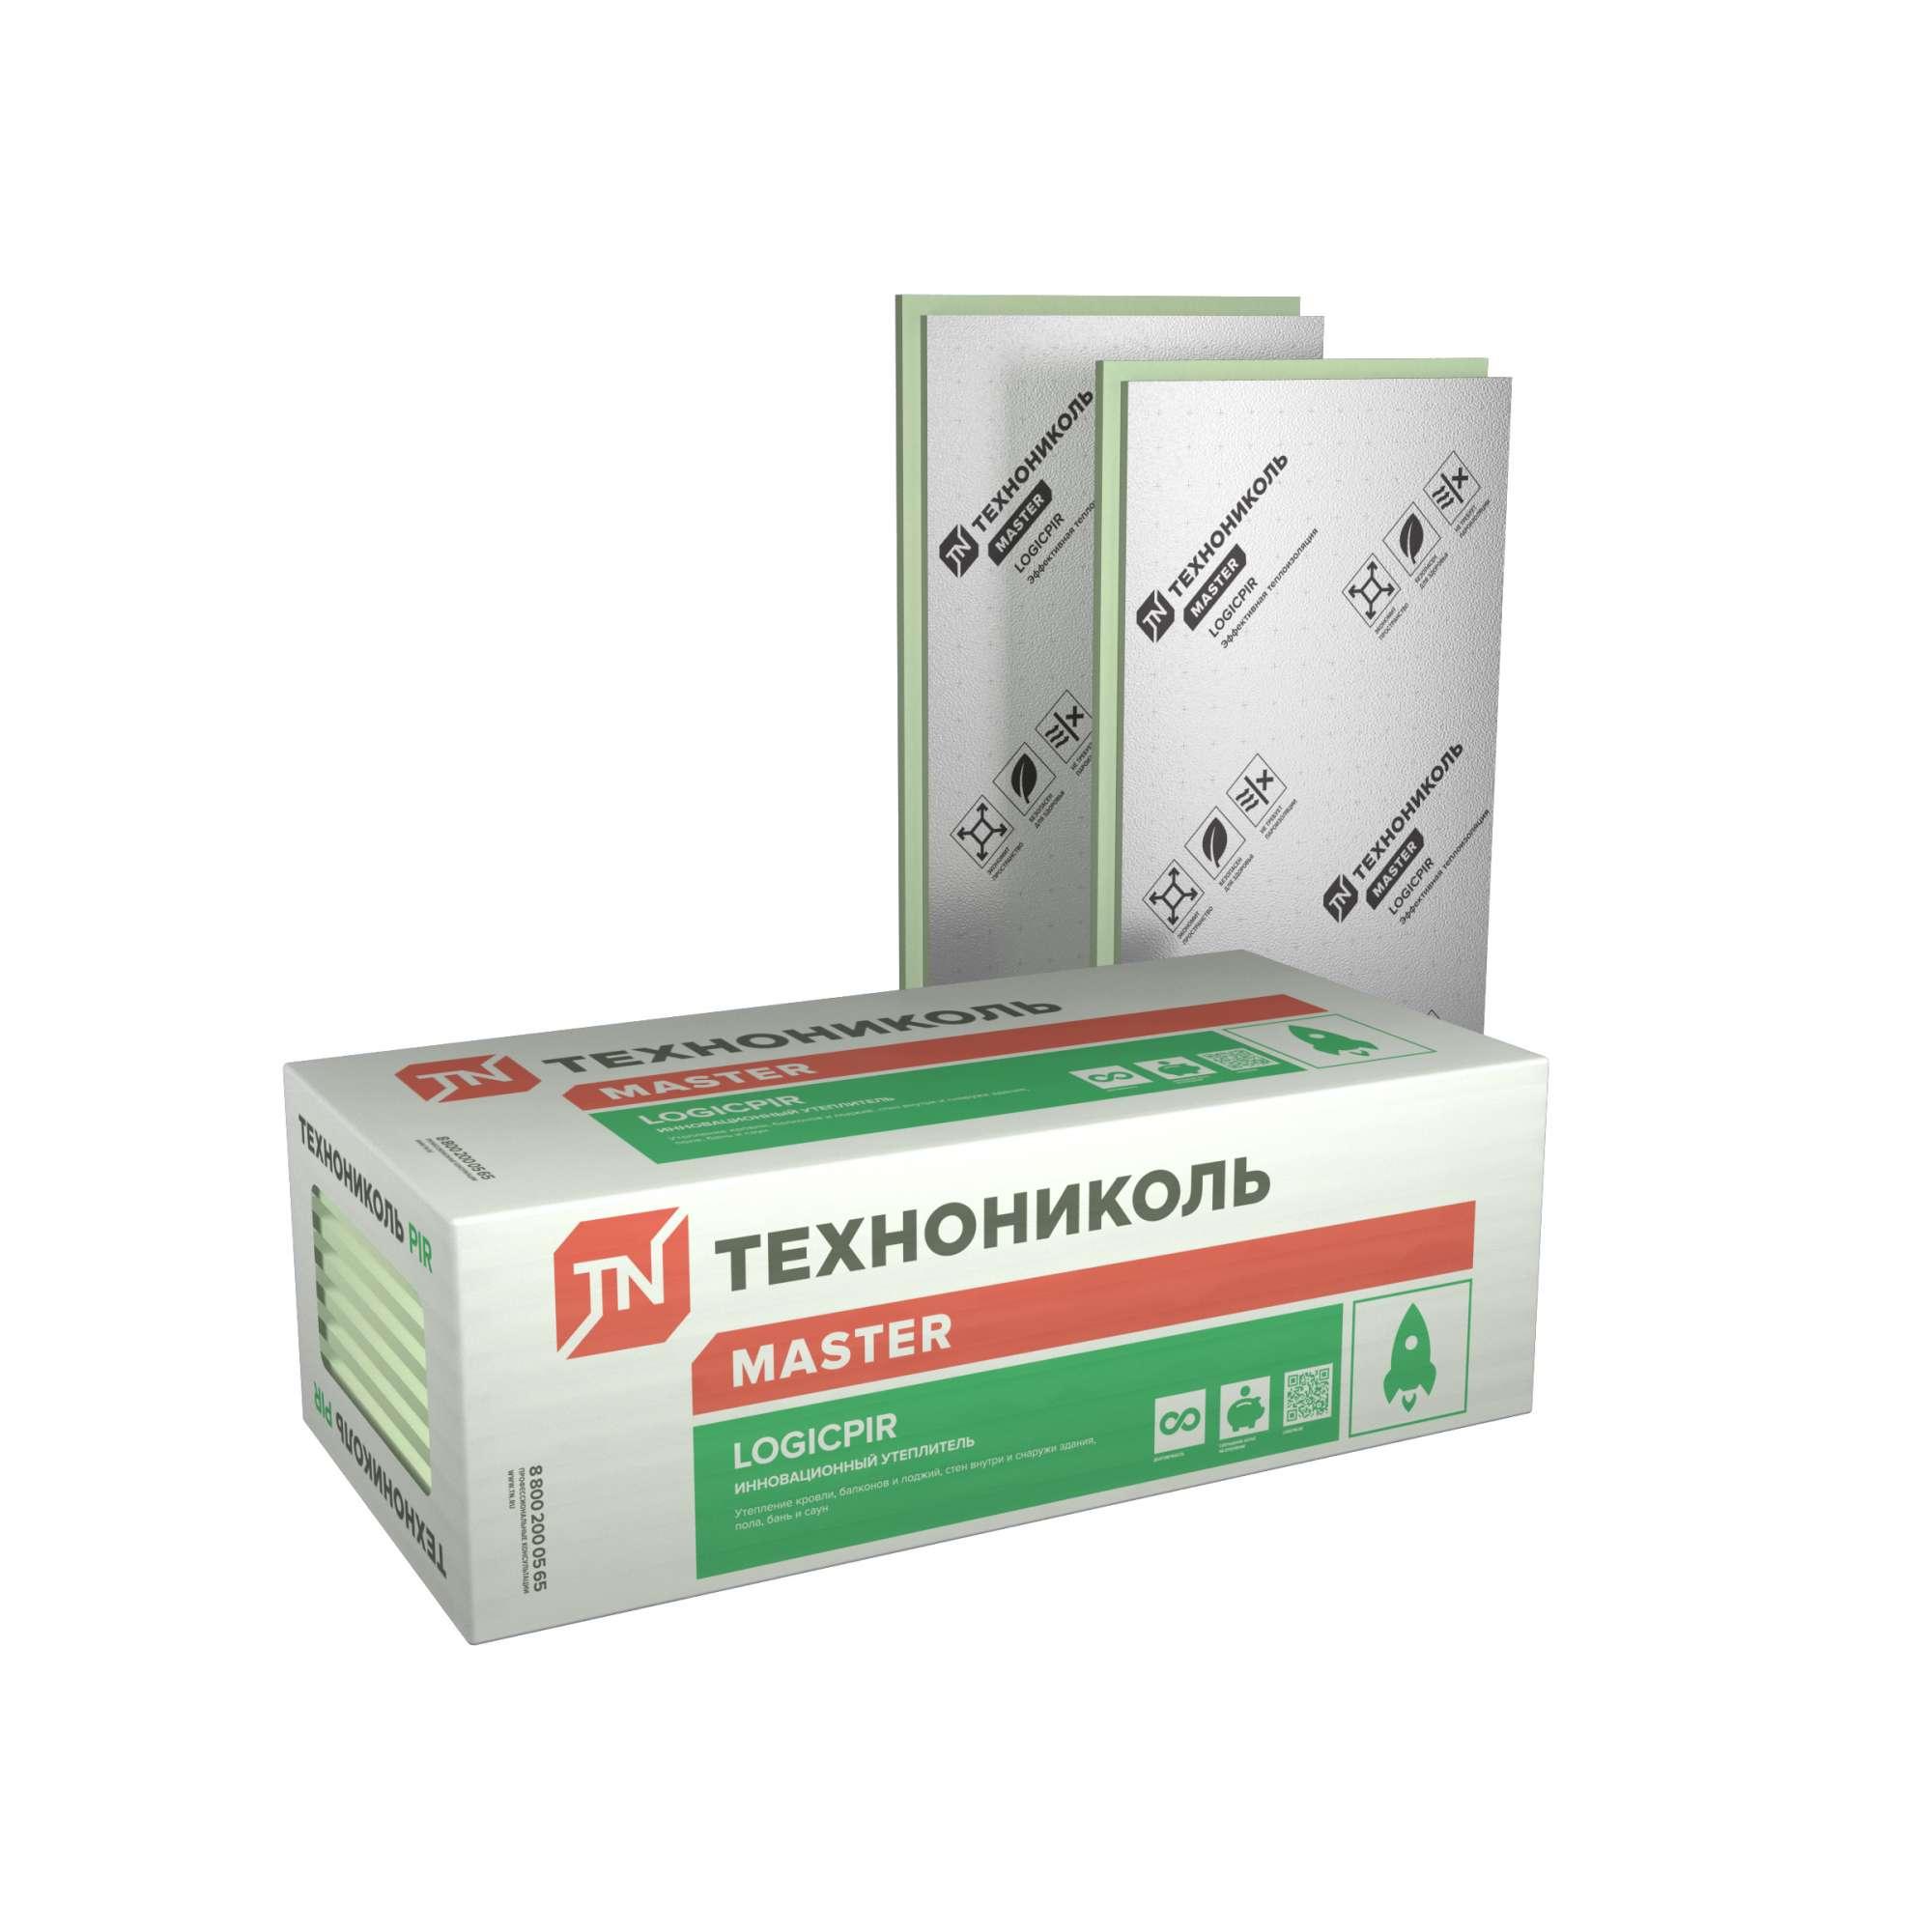 Утеплитель Технониколь Logicpir 1190*590*30 (8шт) 5,6м2 - фото